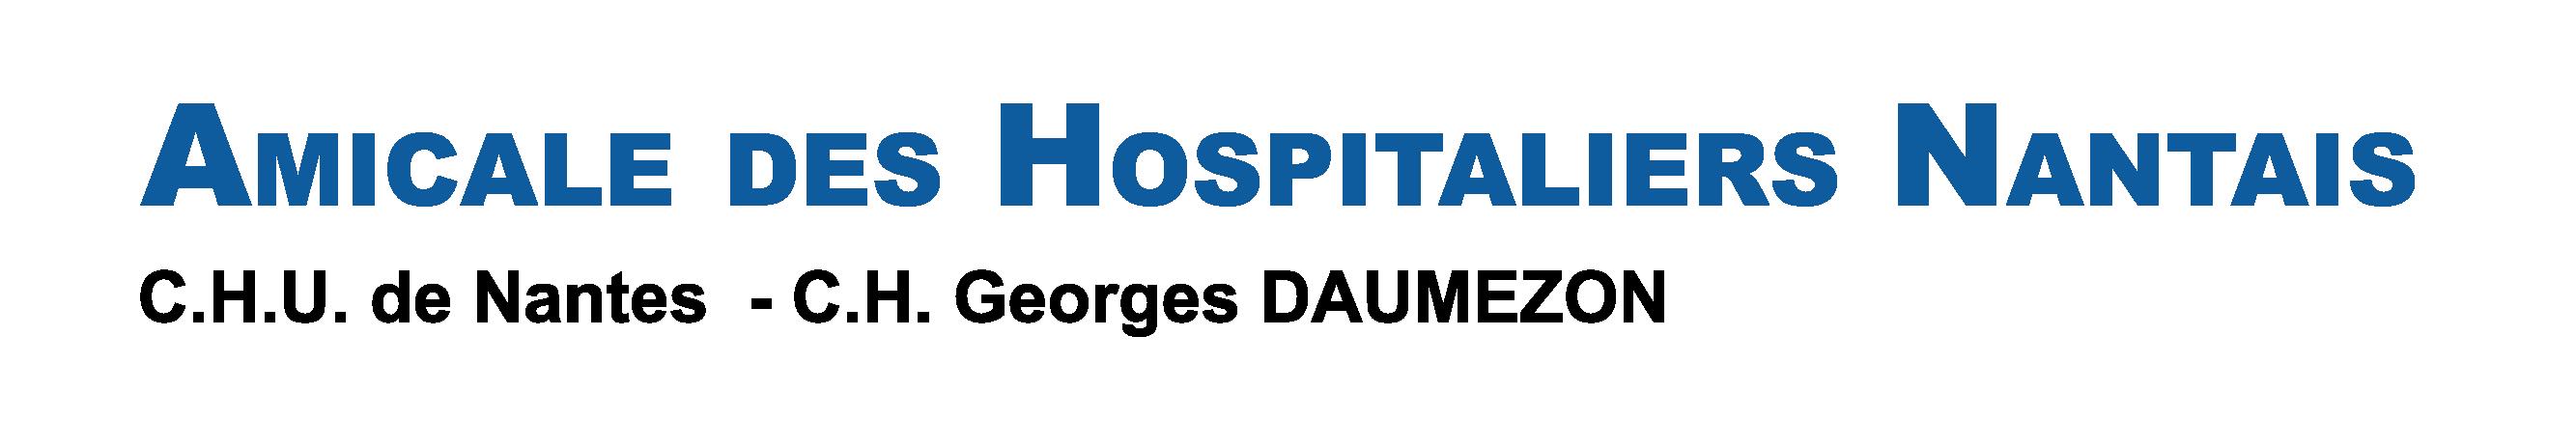 Amicale des Hospitaliers Nantais